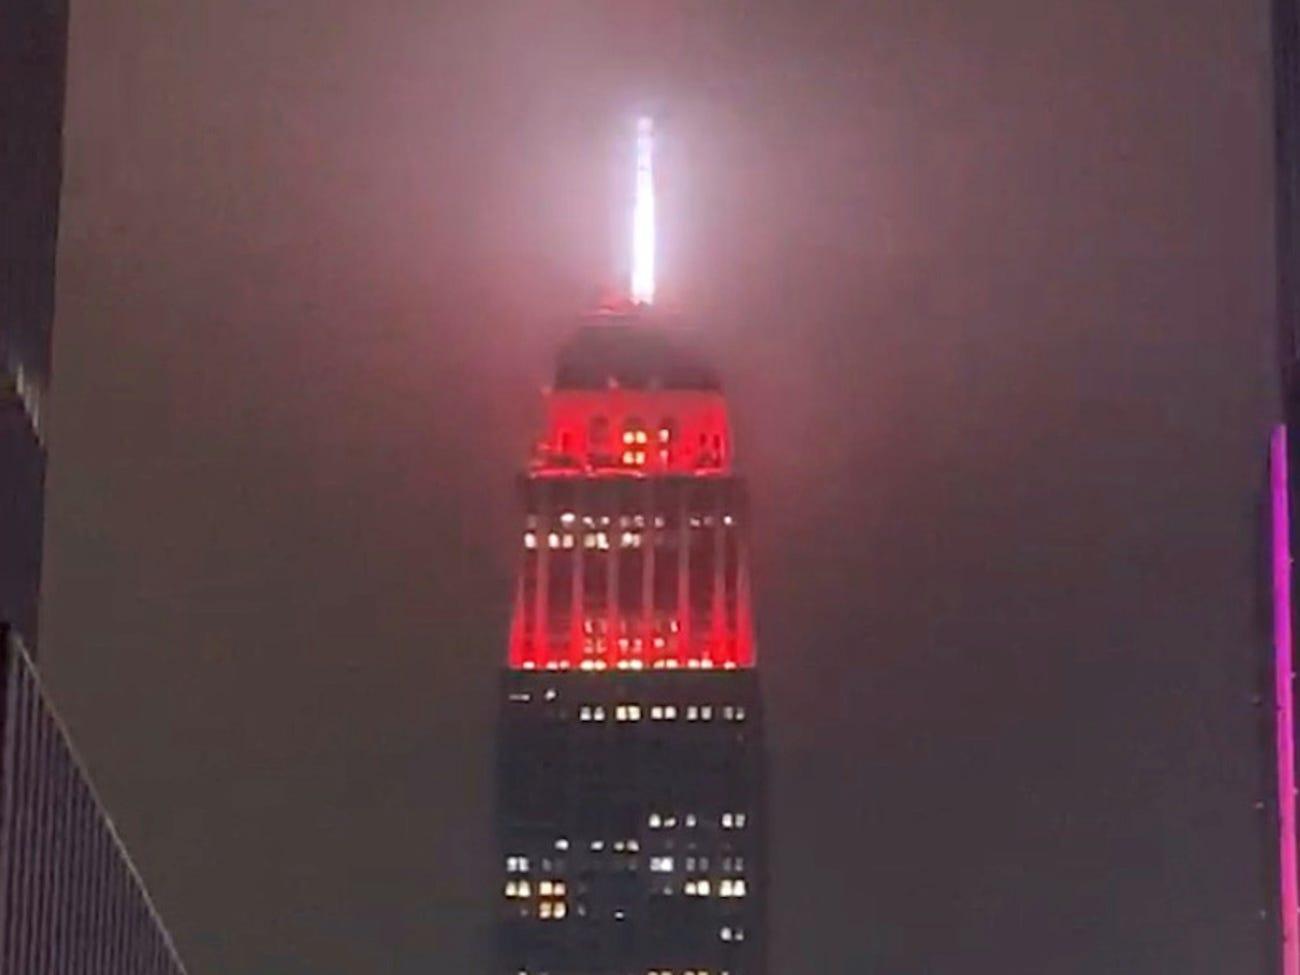 纽约帝国大厦亮灯模仿救护车警笛 提醒居民待在家